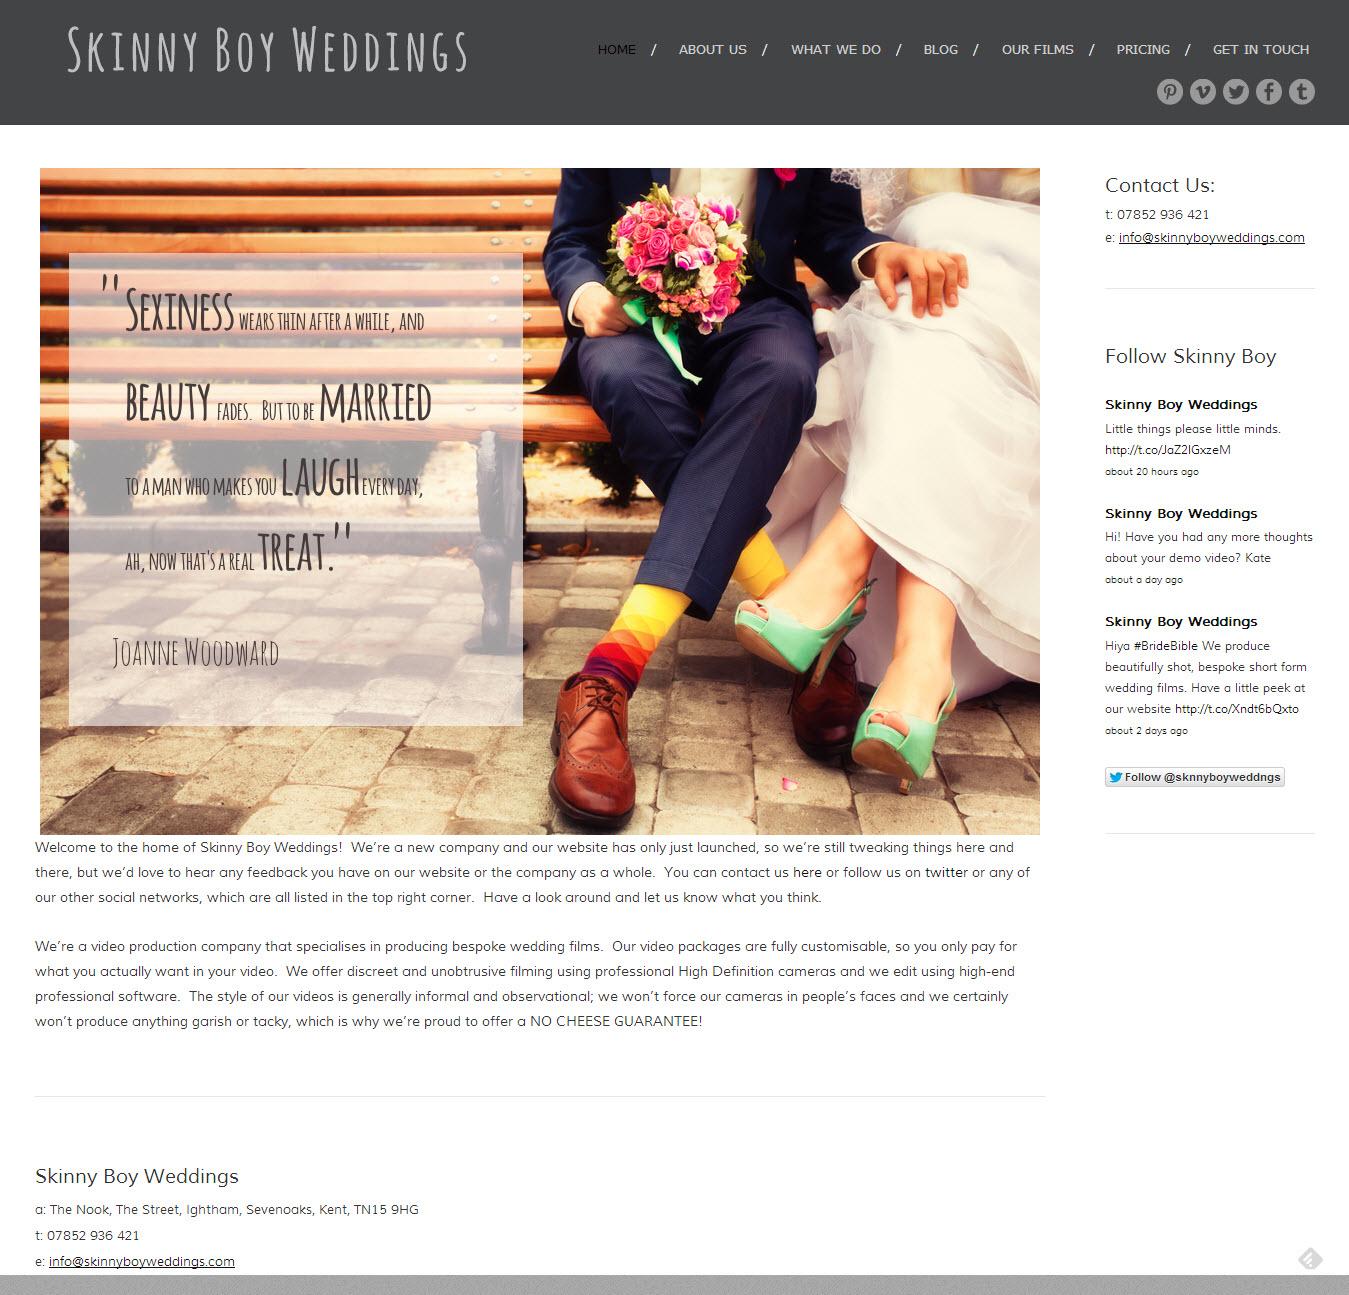 skinny-boy-weddings.jpg